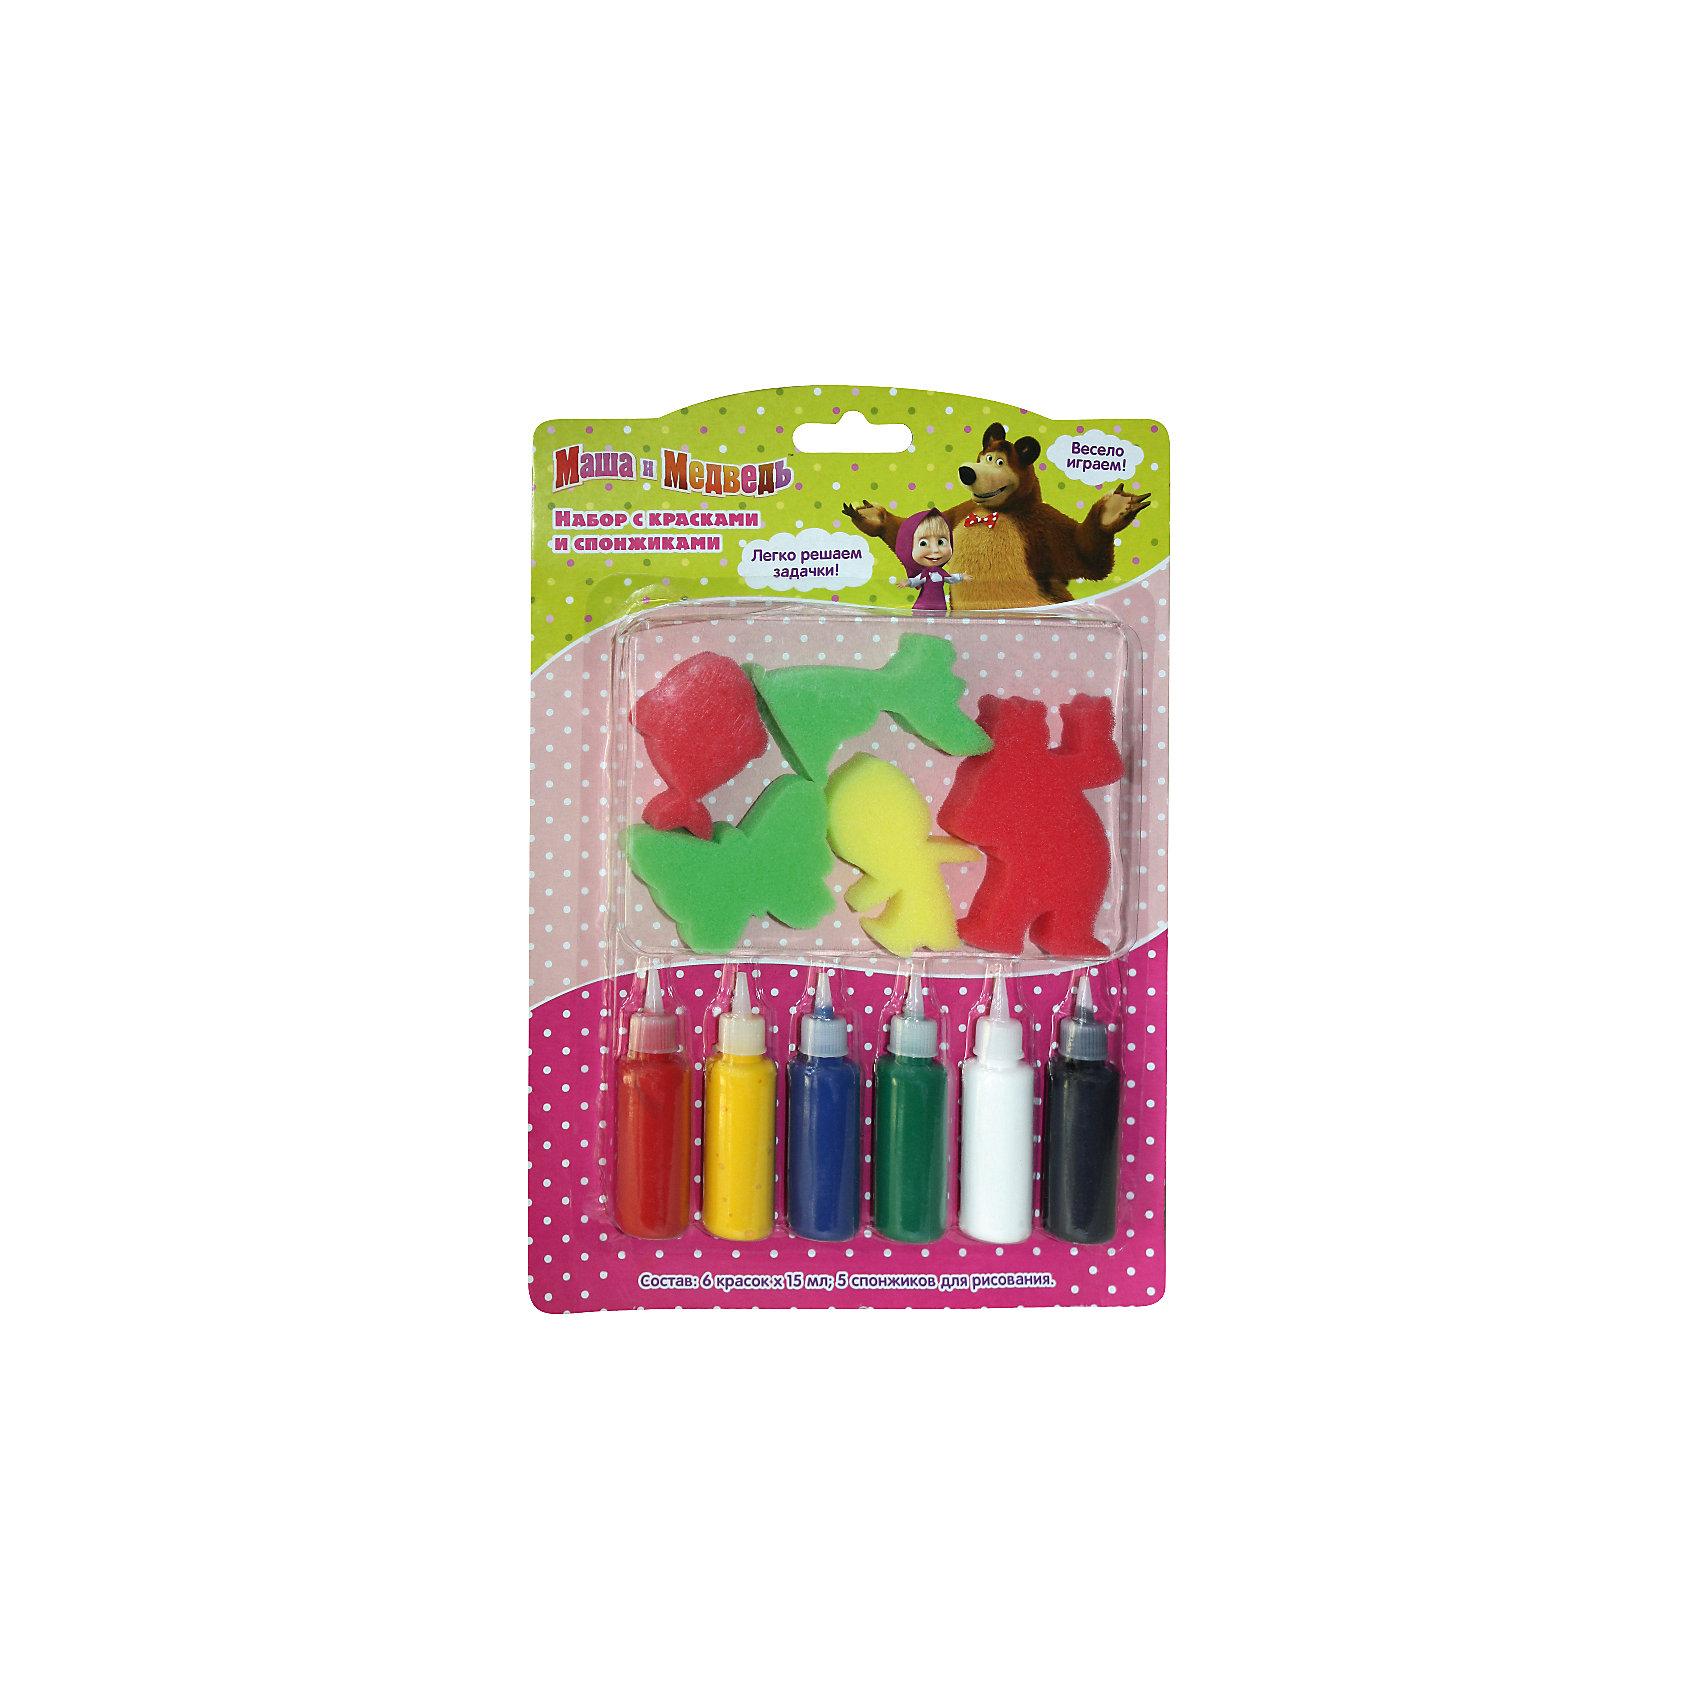 Набор с красками и спонжиками, Маша и МедведьМаша и Медведь<br>Характеристики товара:<br><br>- цвет: разноцветный;<br>- комплектация: 6 цветов гуаши по 15 мл, 5 спонжиков в виде героев мультфильма;<br>- размер упаковки: 27 х 19 см;<br>- упаковка: коробка.<br><br>Этот набор станет отличным подарком для ребенка. Он помогает развить художественные навыки и интересно провести время. В нем есть разноцветные краски и предметы для изображения фона, героев мультфильма и дополнения рисунка деталями. В итоге - яркая оригинальная картинка!<br>Рисование даже в юном возрасте помогает ребенку развивать зрительную память, концентрацию внимания, мелкую моторику и цветовосприятие. Издание произведено из качественных материалов, которые безопасны даже для самых маленьких.<br><br>Набор с красками и спонжиками, Маша и Медведь, от компании Росмэн можно купить в нашем интернет-магазине.<br><br>Ширина мм: 275<br>Глубина мм: 190<br>Высота мм: 17<br>Вес г: 150<br>Возраст от месяцев: 36<br>Возраст до месяцев: 72<br>Пол: Унисекс<br>Возраст: Детский<br>SKU: 5109797